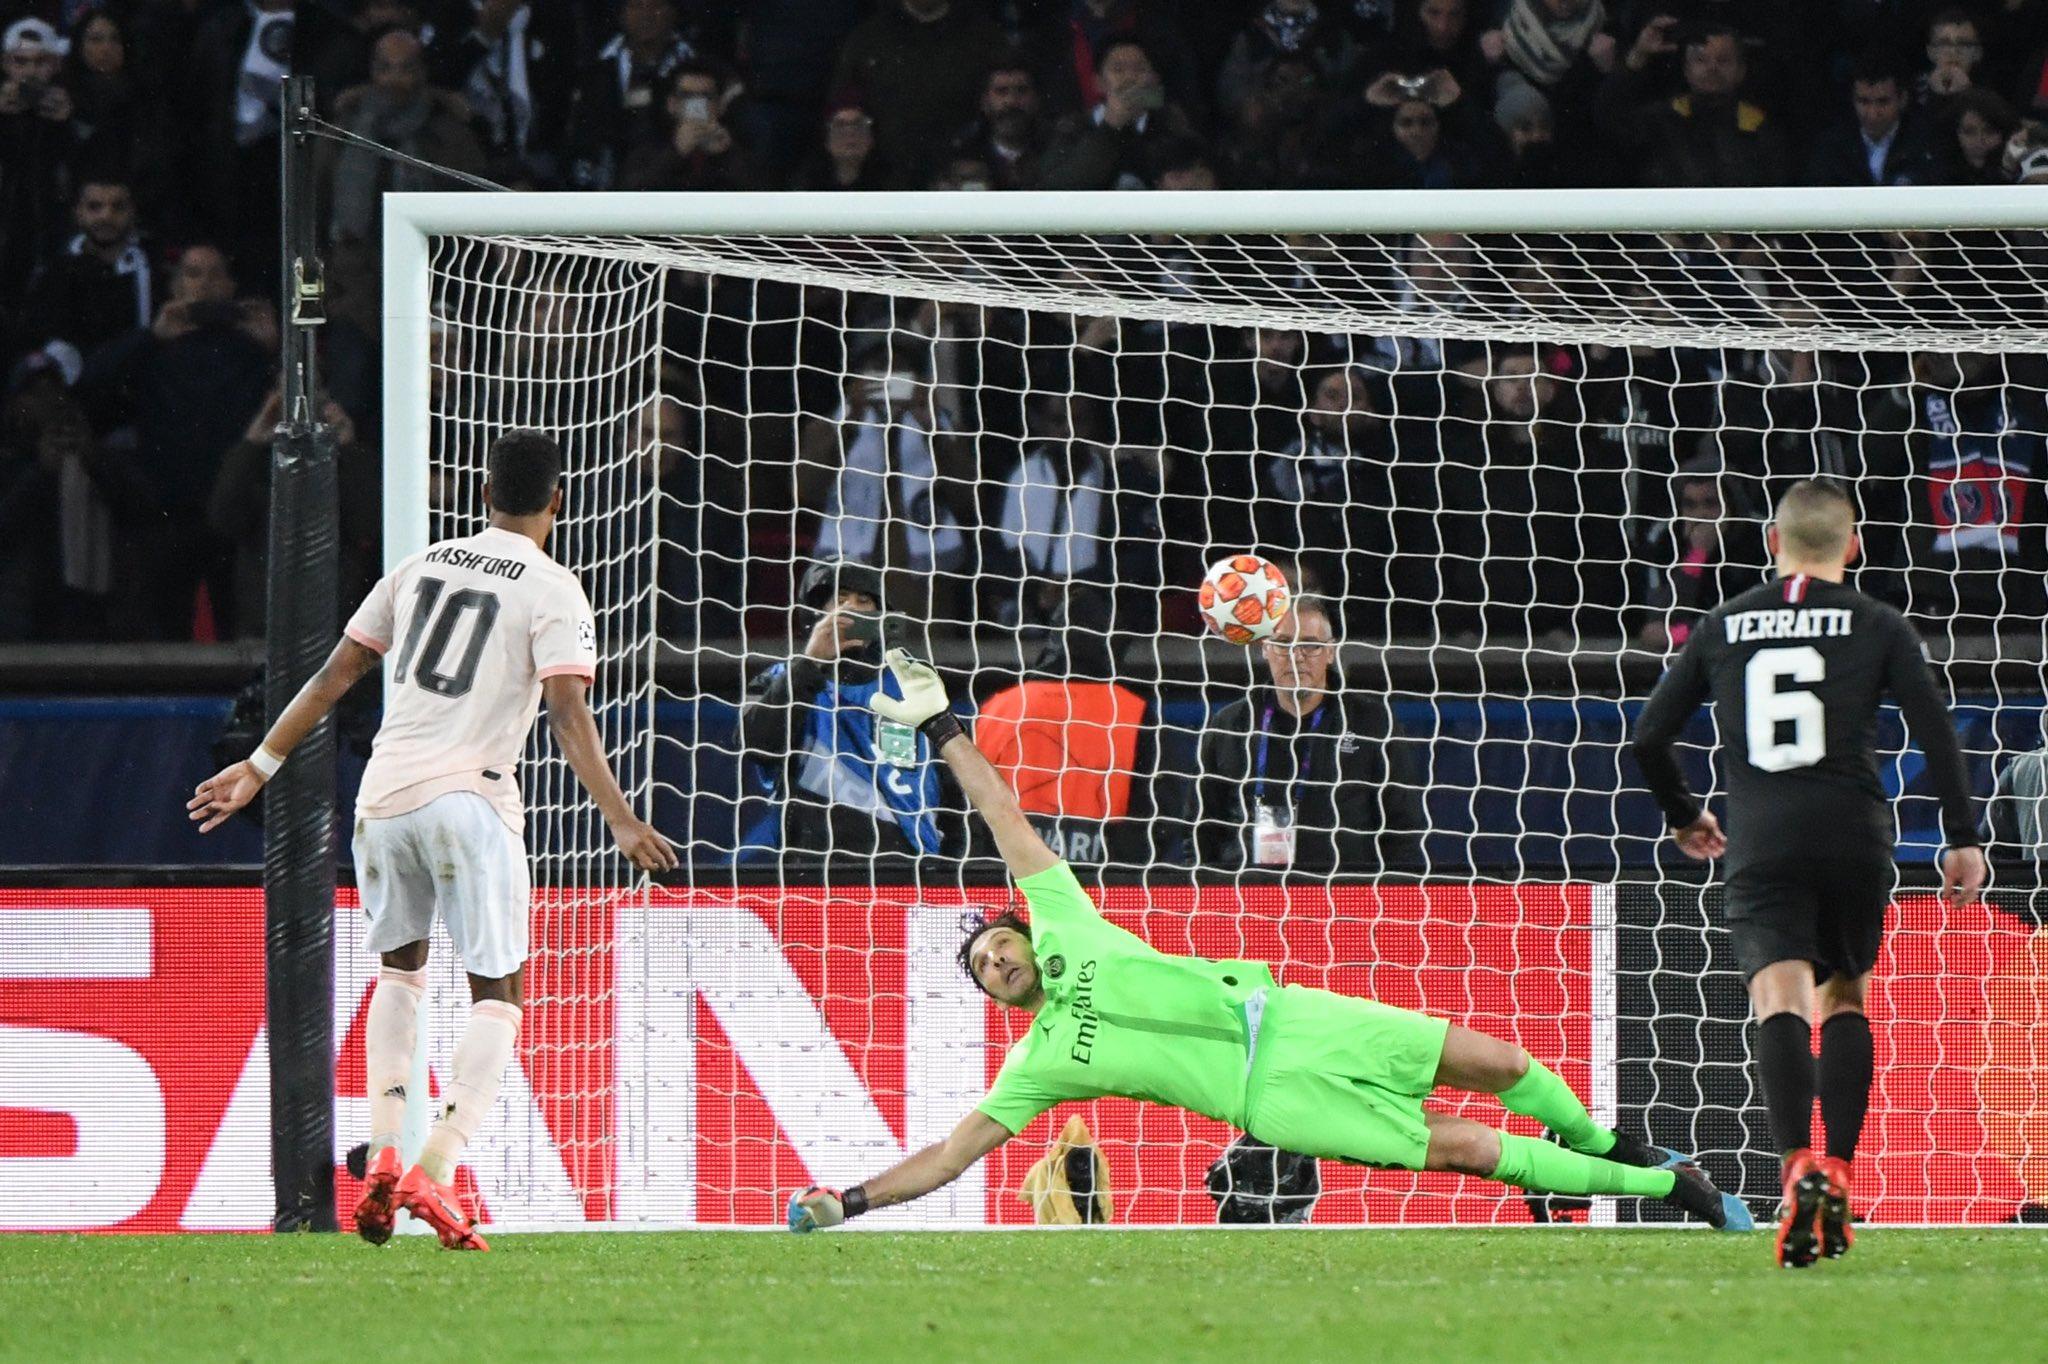 هل يقود سولشاير مانشستر يونايتد إلى الهاوية في دوري أبطال أوروبا؟